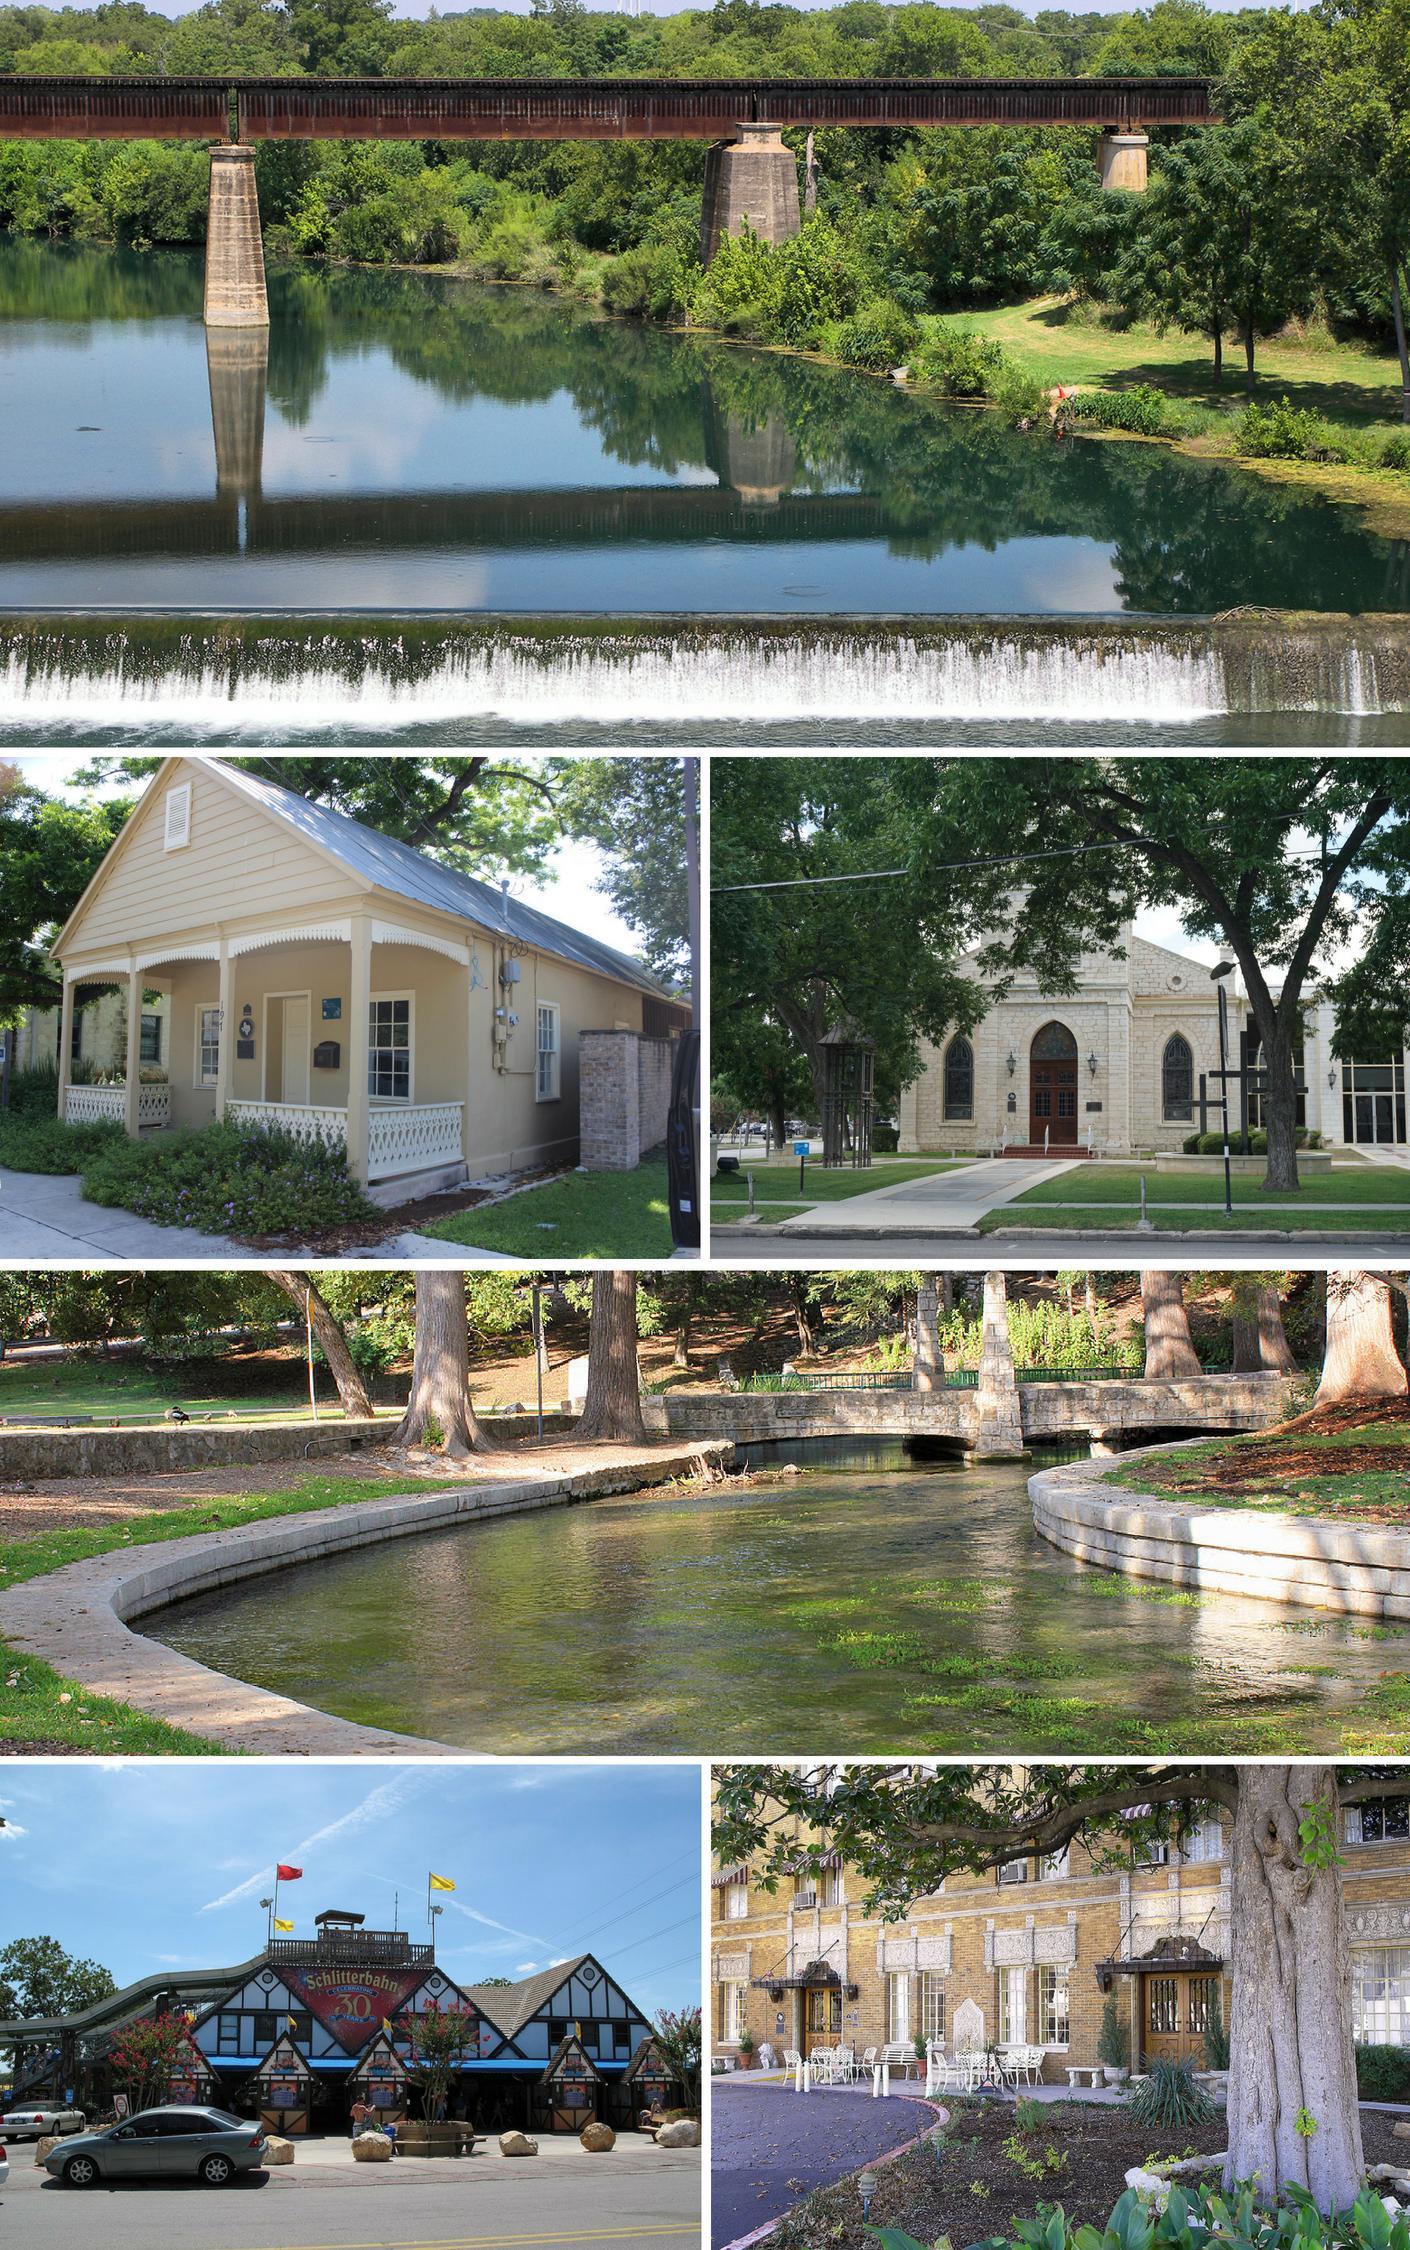 New Braunfels, Texas - Wikipedia